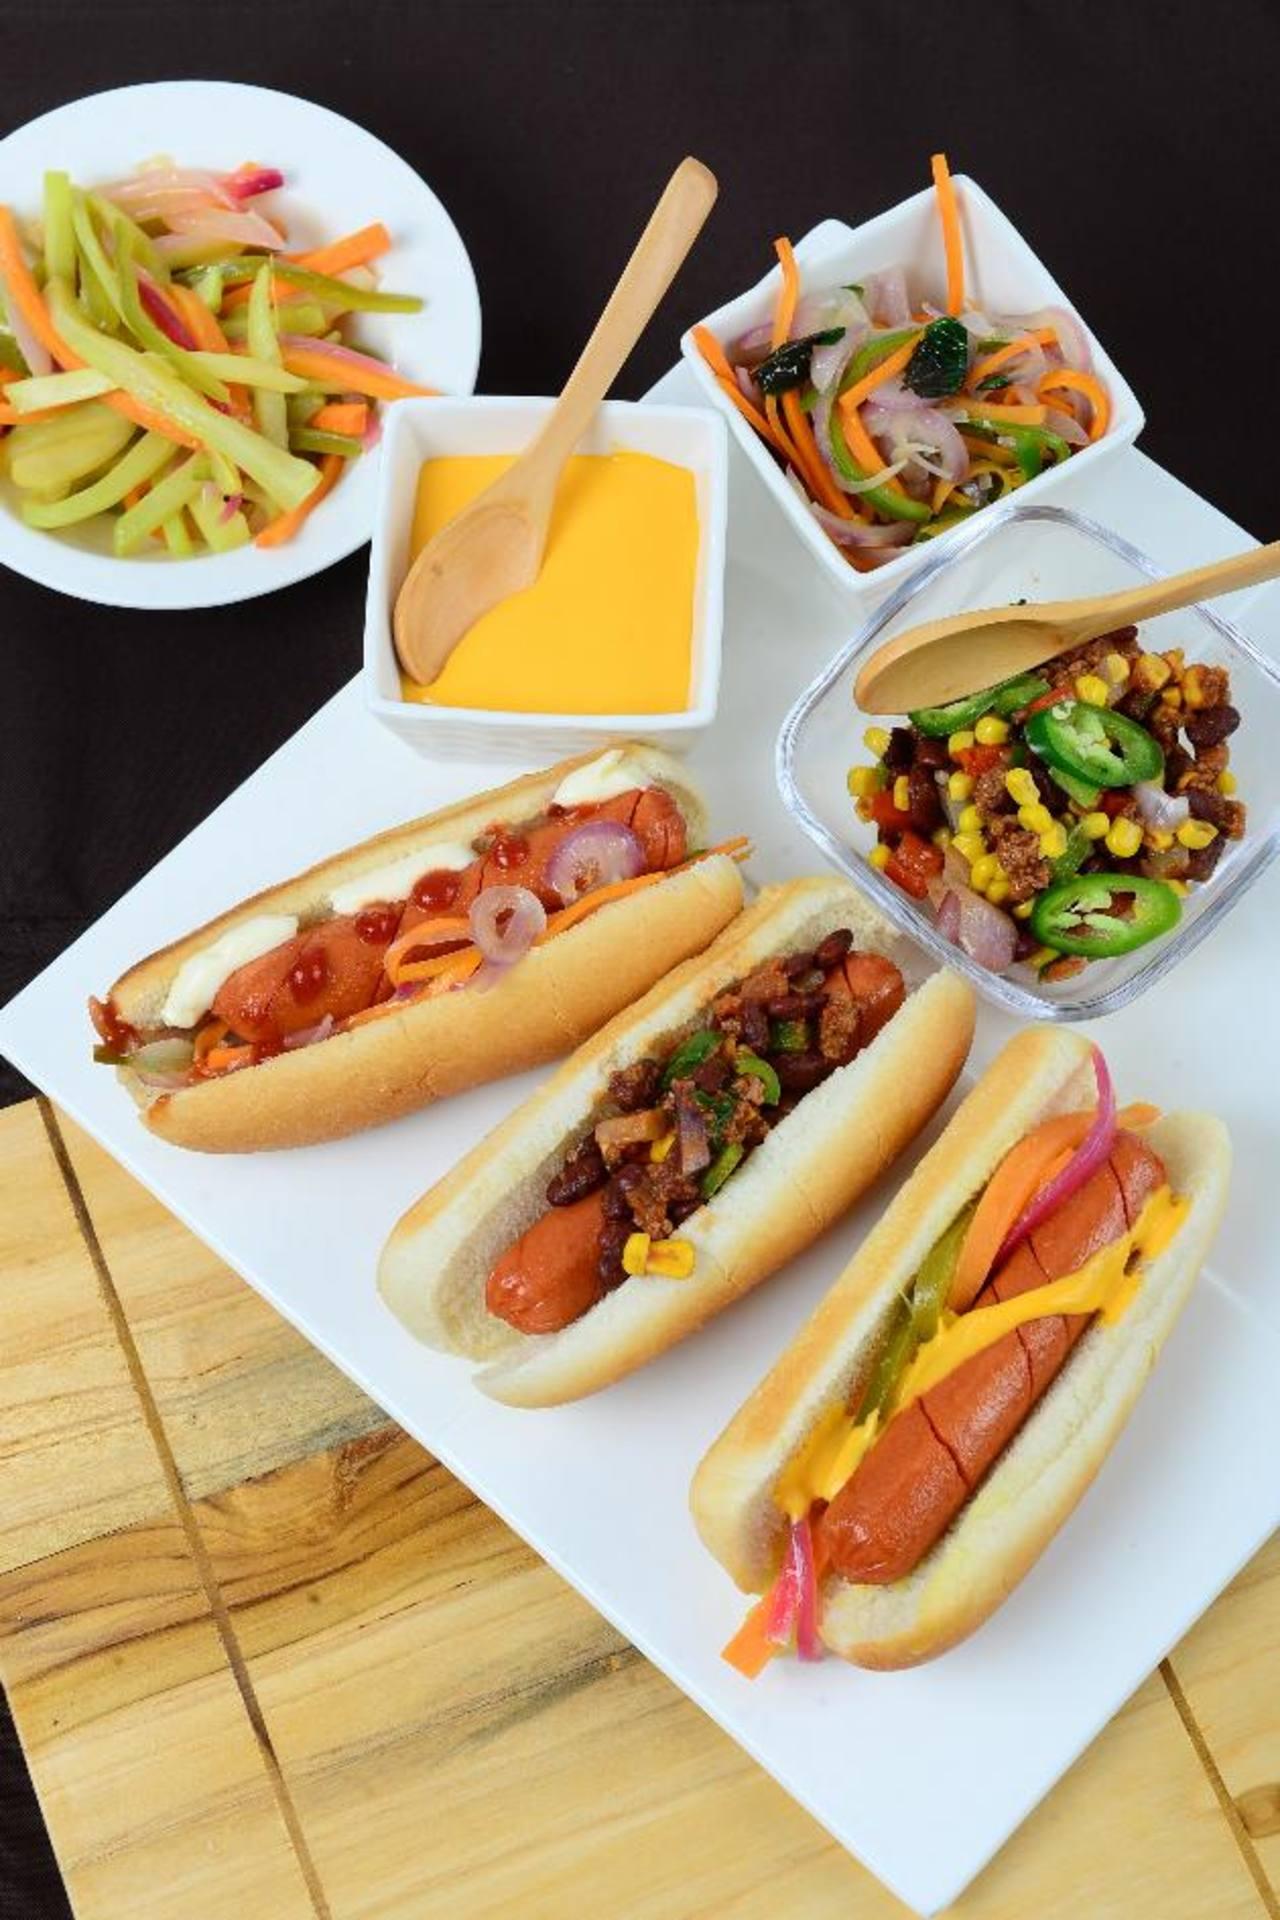 Encuentre recetas de comidas rápidas con toques diferentes para degustar con familia o amigos. foto EDH